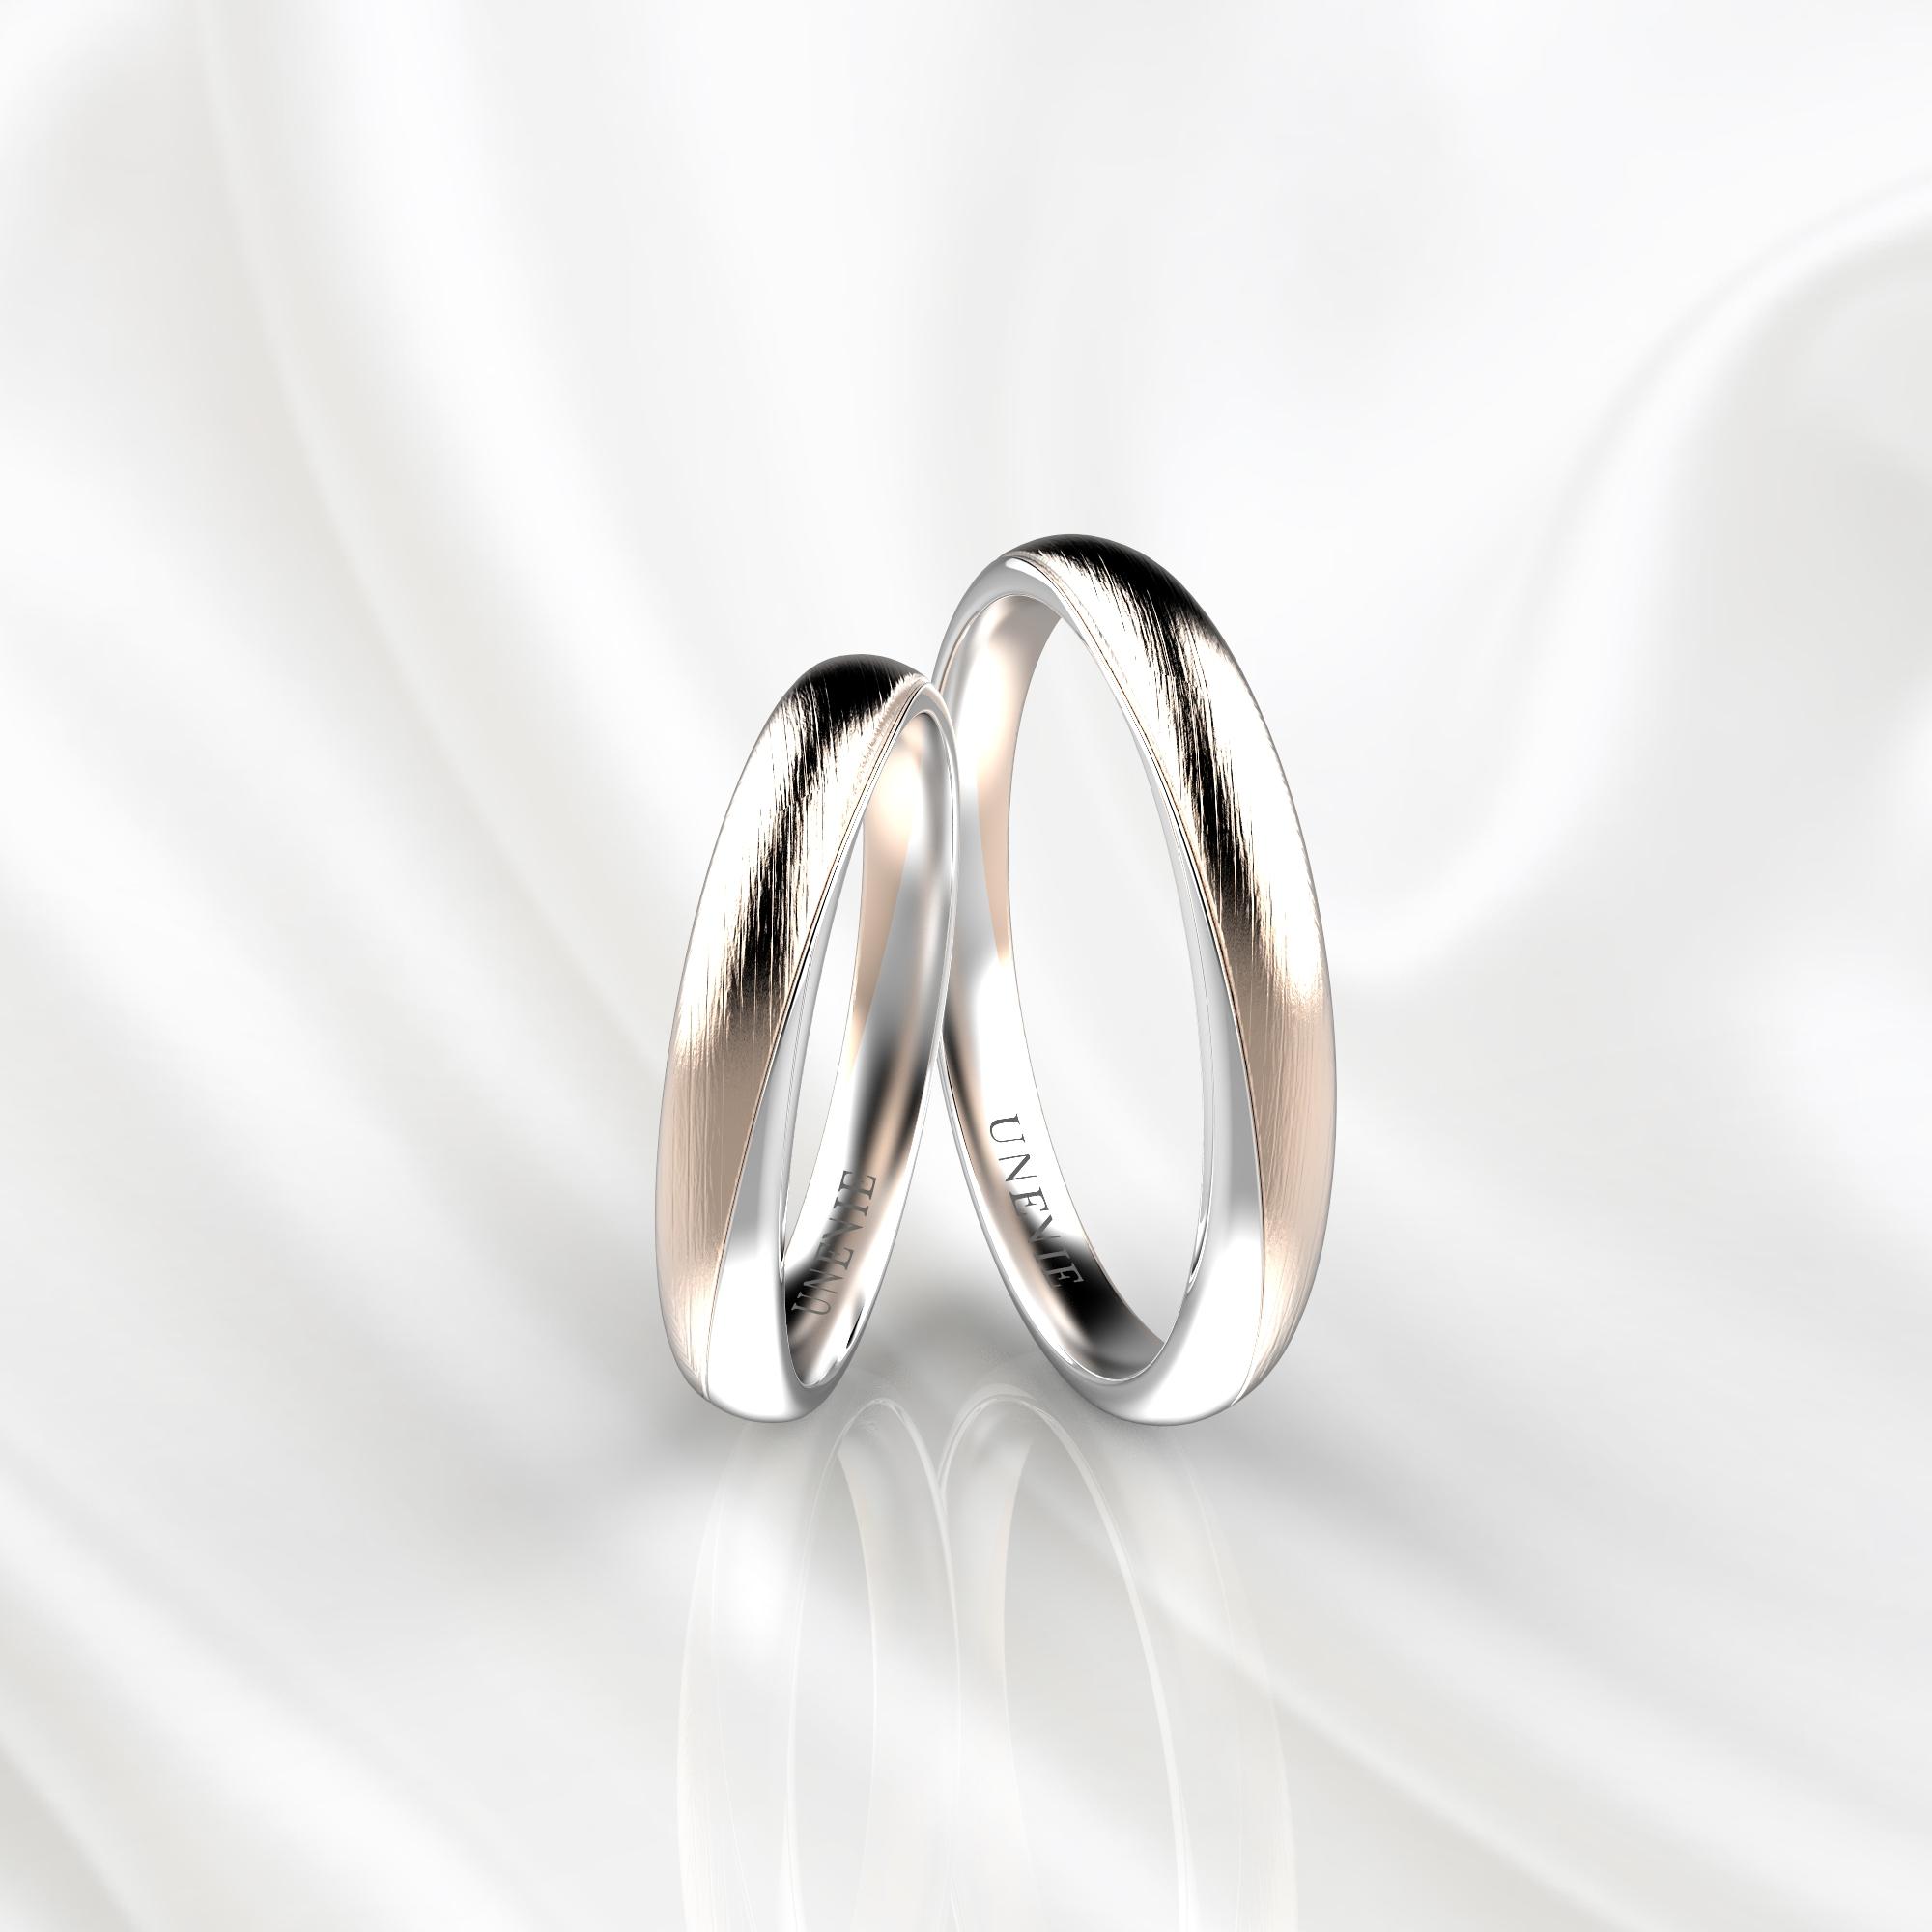 NV83 Парные обручальные кольца из розово-белого золота